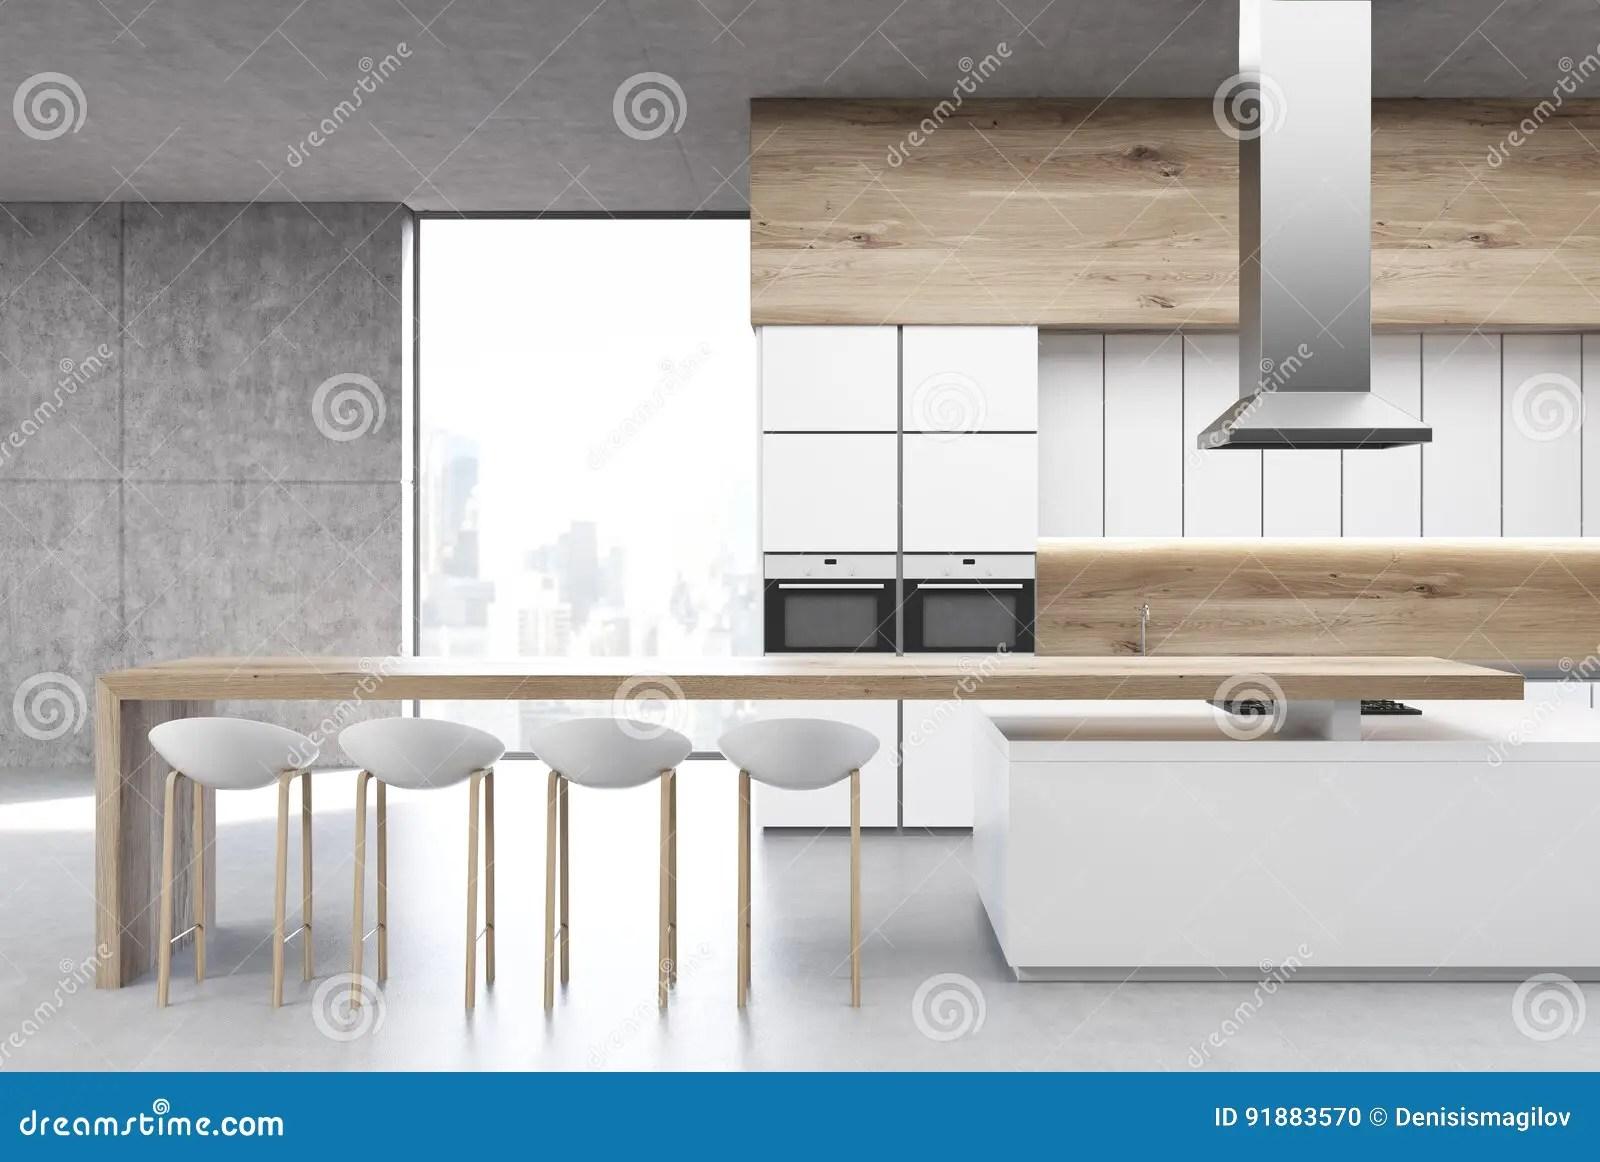 chairs kitchen menards design 有烤箱的厨房 前面库存例证 插画包括有椅子 厨房 内部 方便 房子 前面